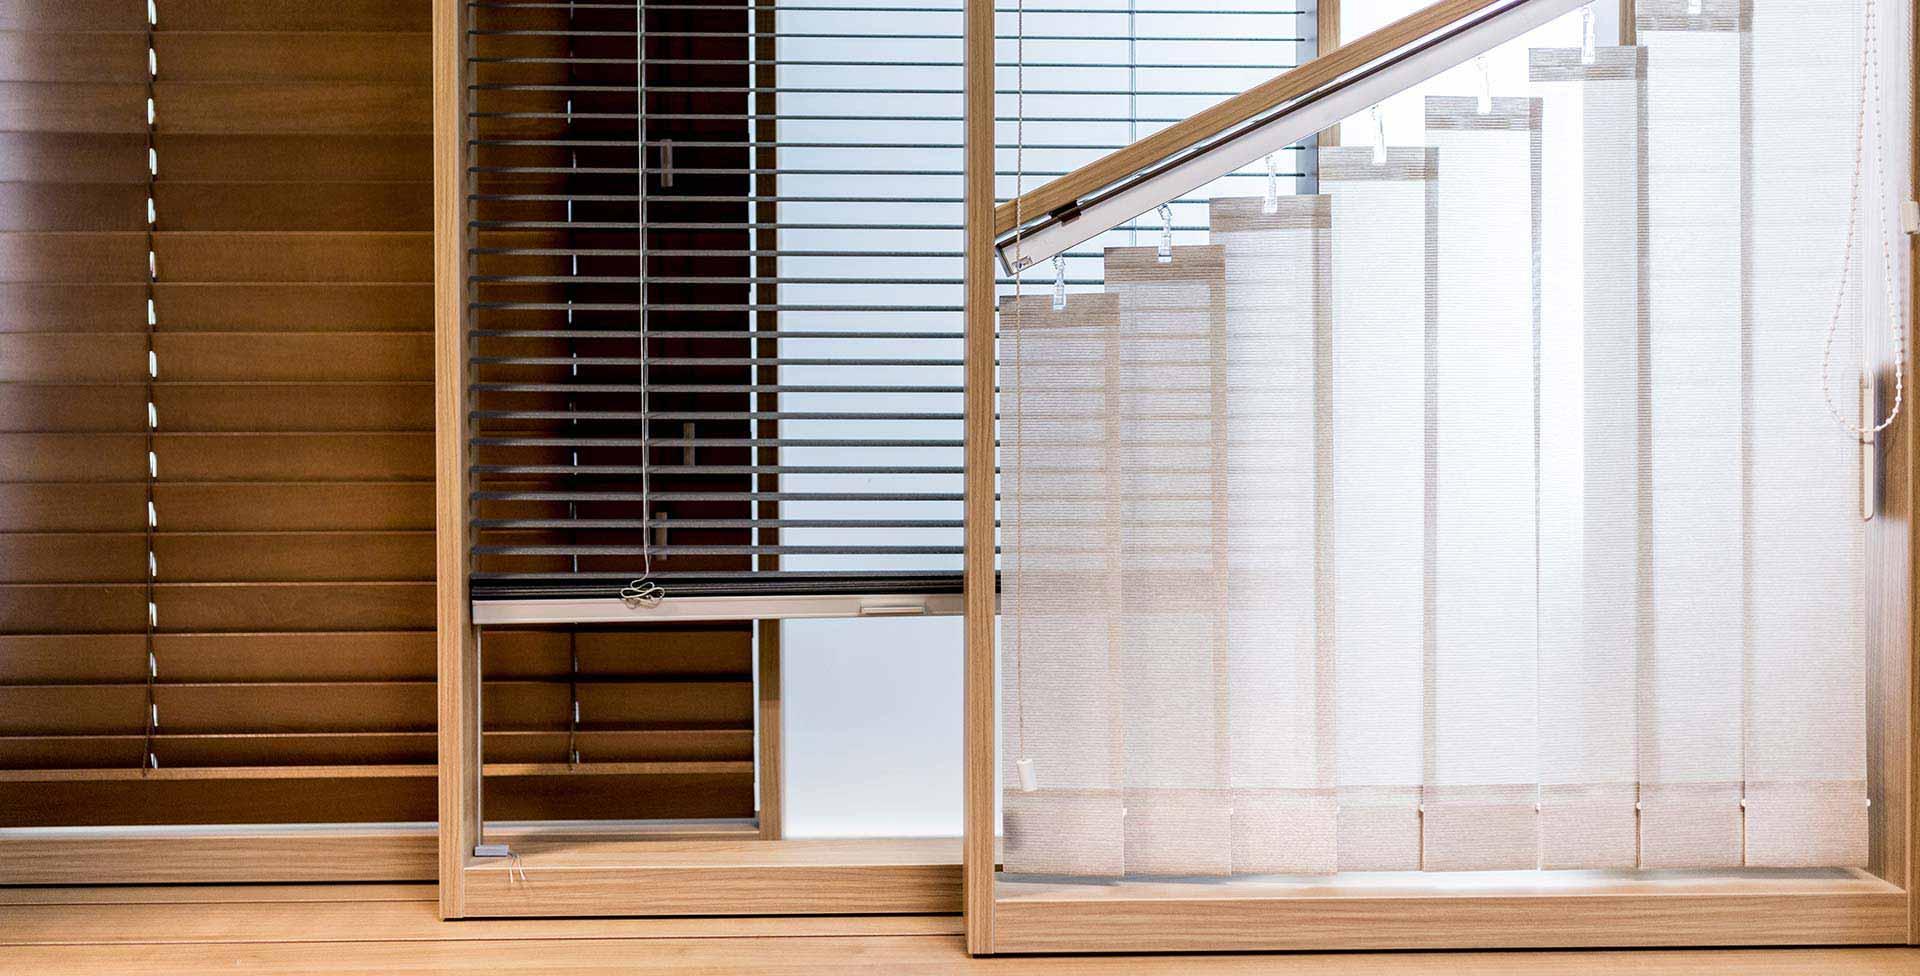 raumausstattung ideen raumausstattung ideen moderne. Black Bedroom Furniture Sets. Home Design Ideas